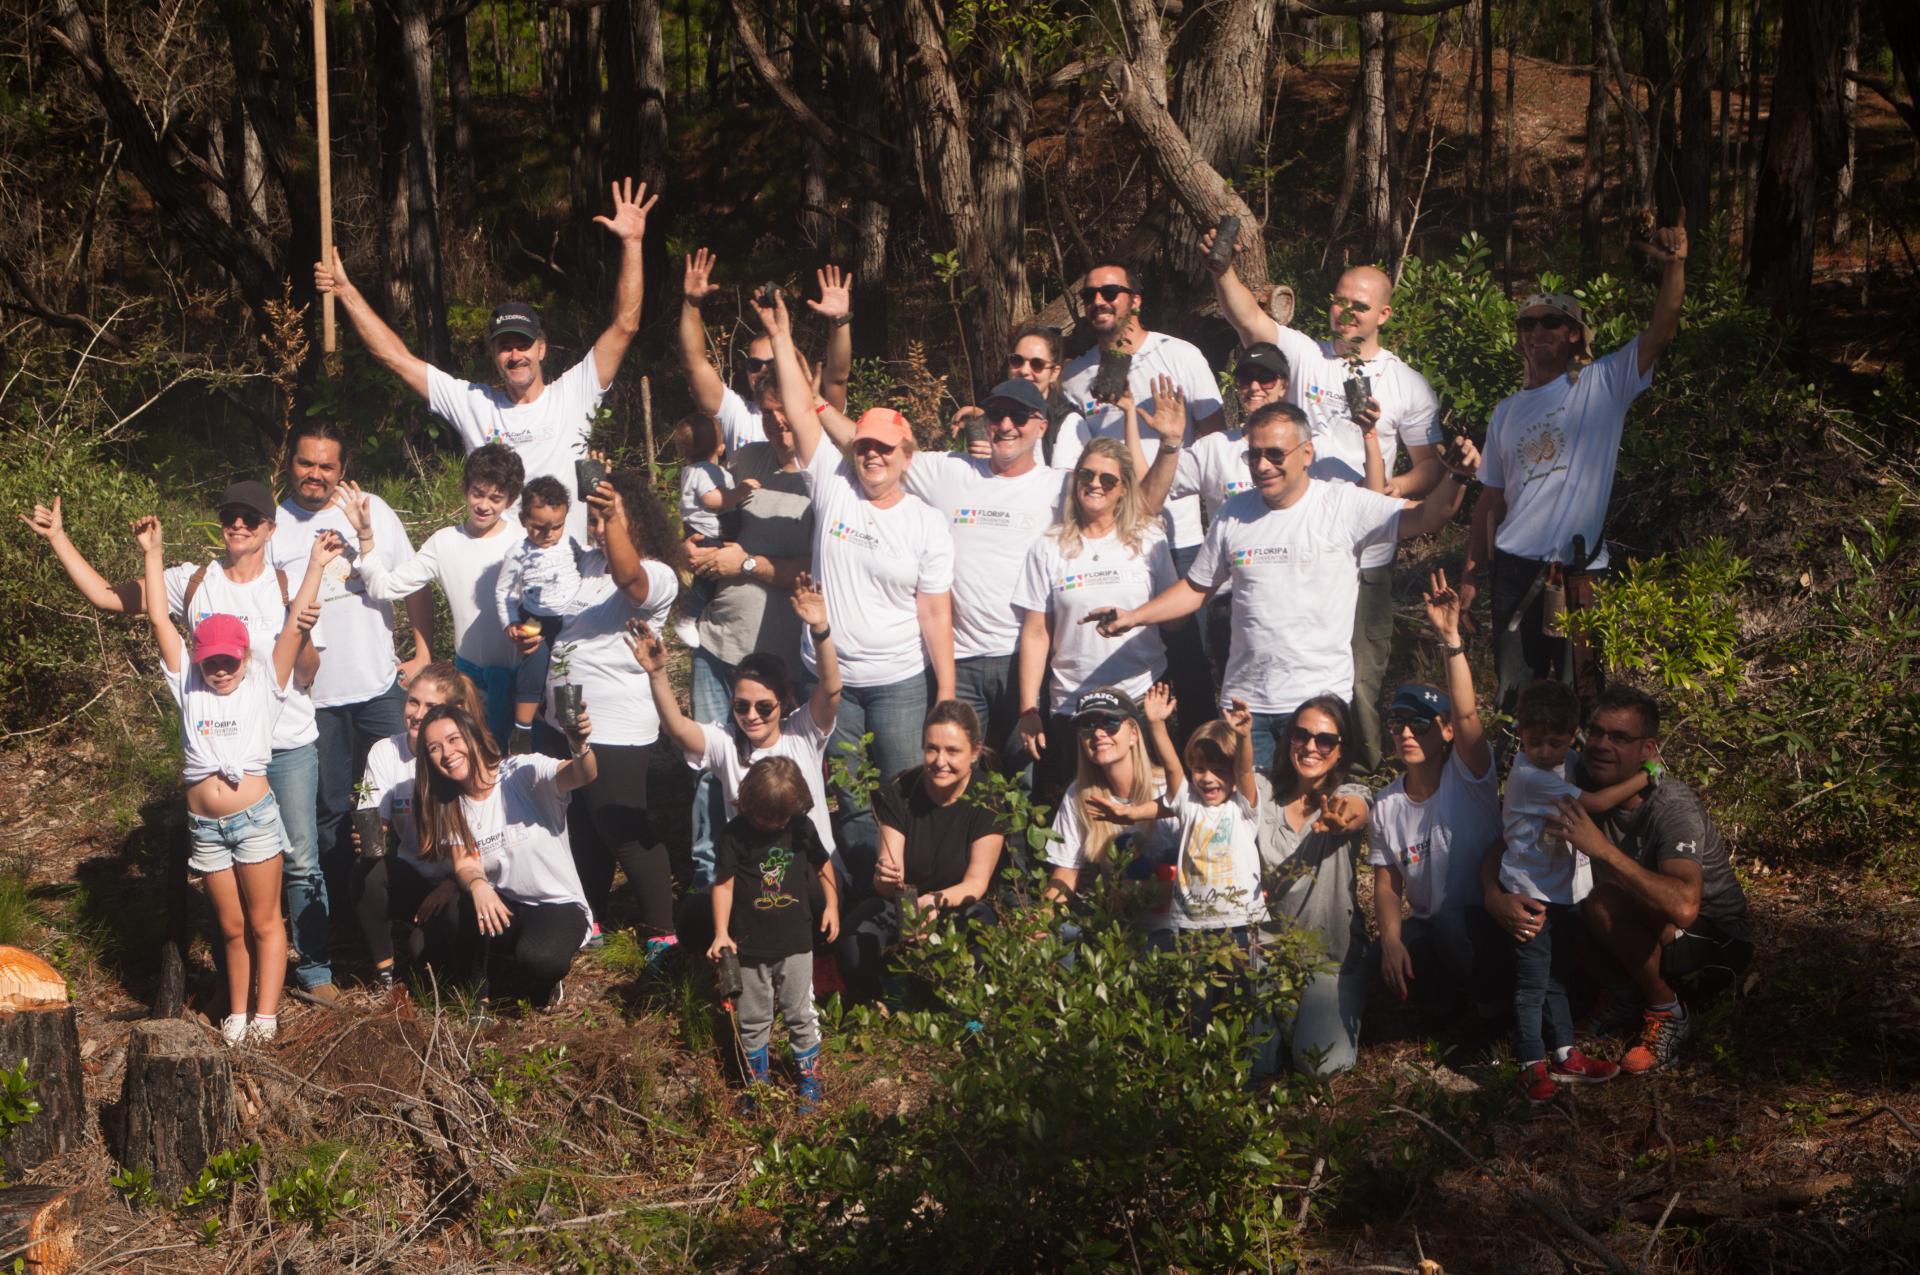 Begeisterte Unterstützer des Salve Floripa Projektes